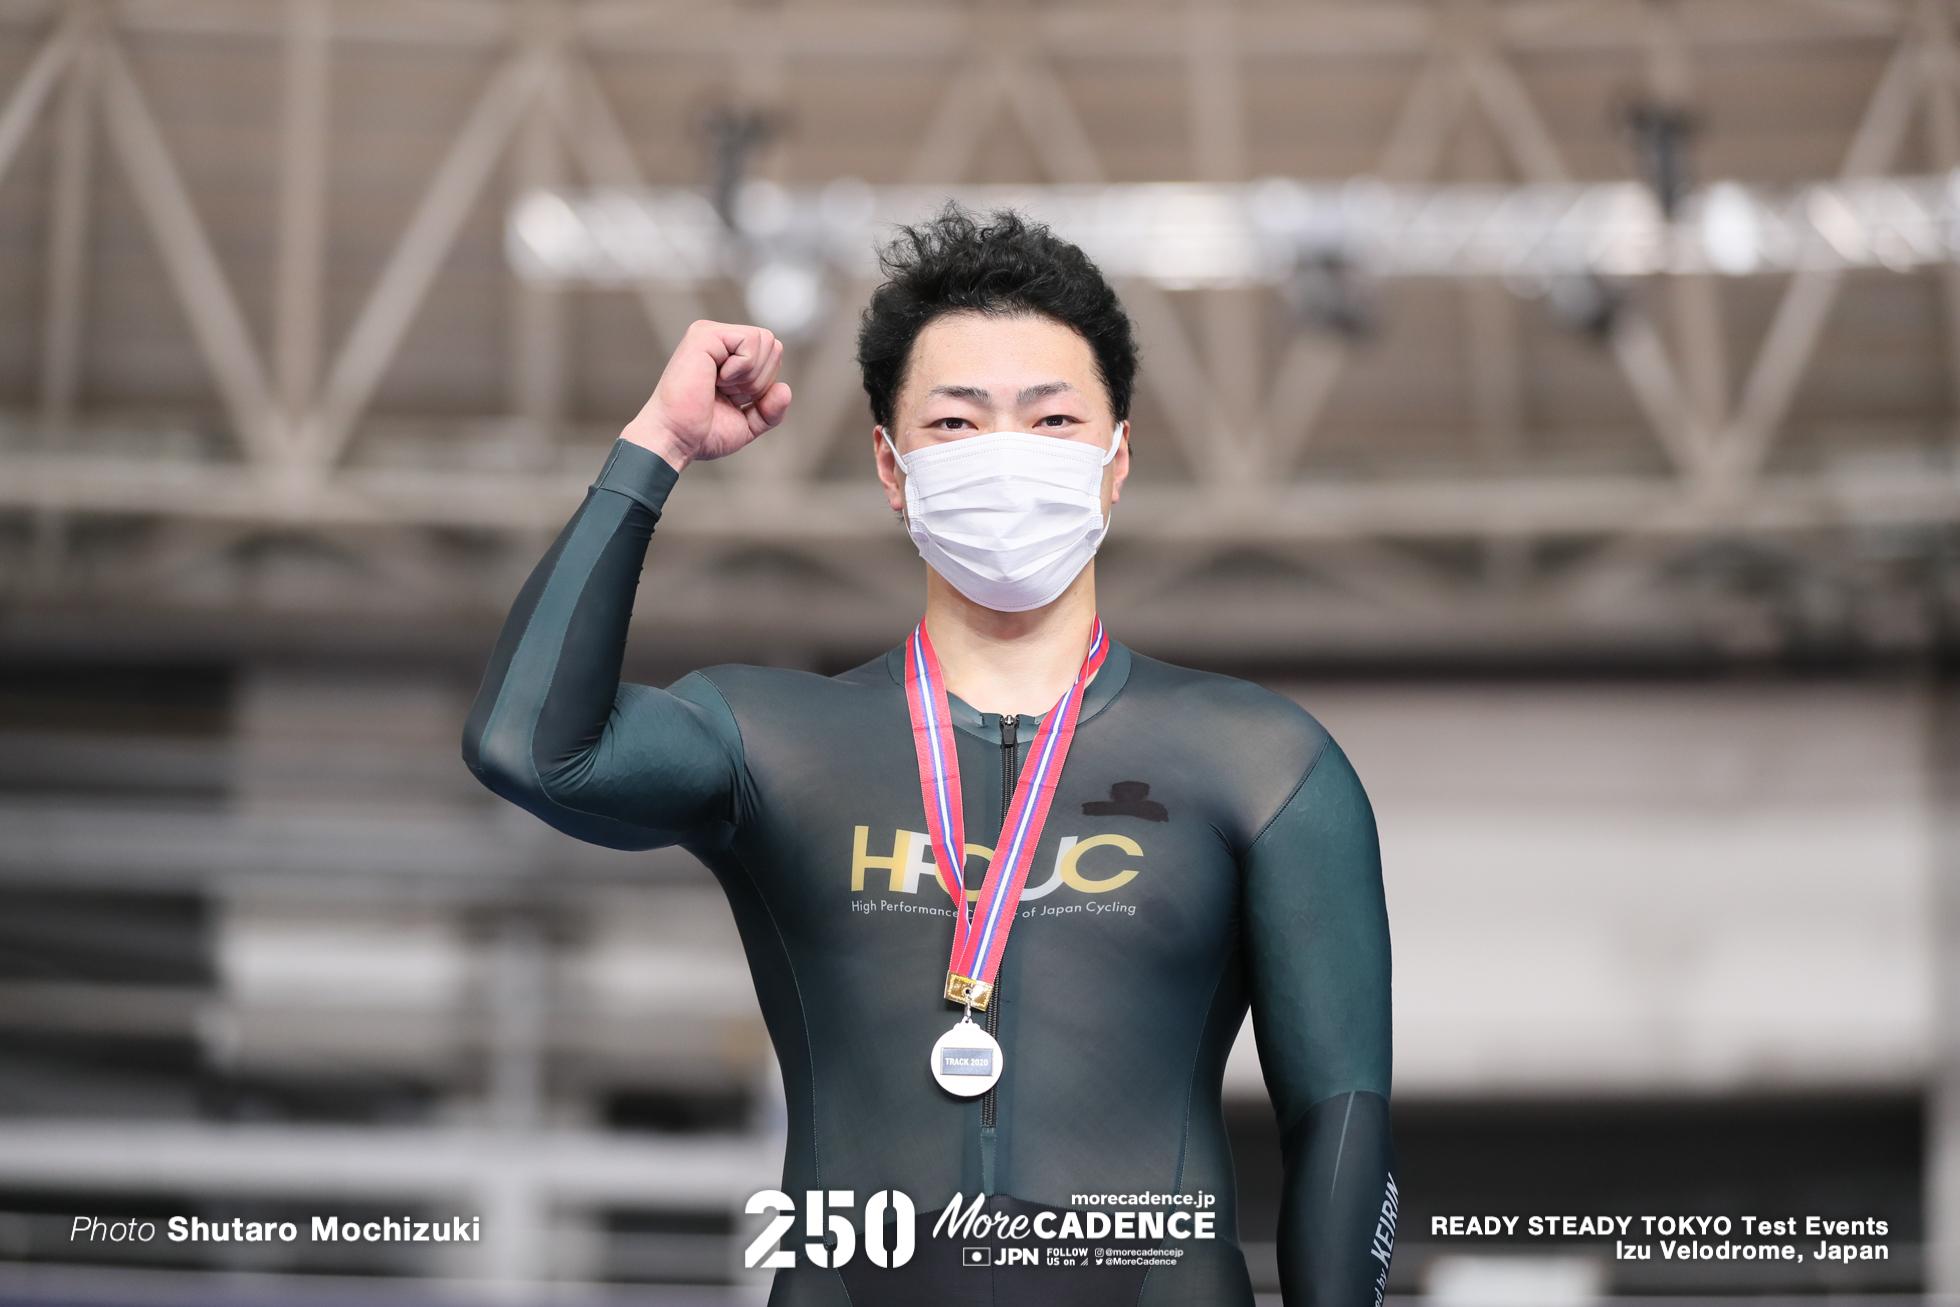 新田祐大, 男子スプリント, READY STEADY TOKYO 自転車競技トラック